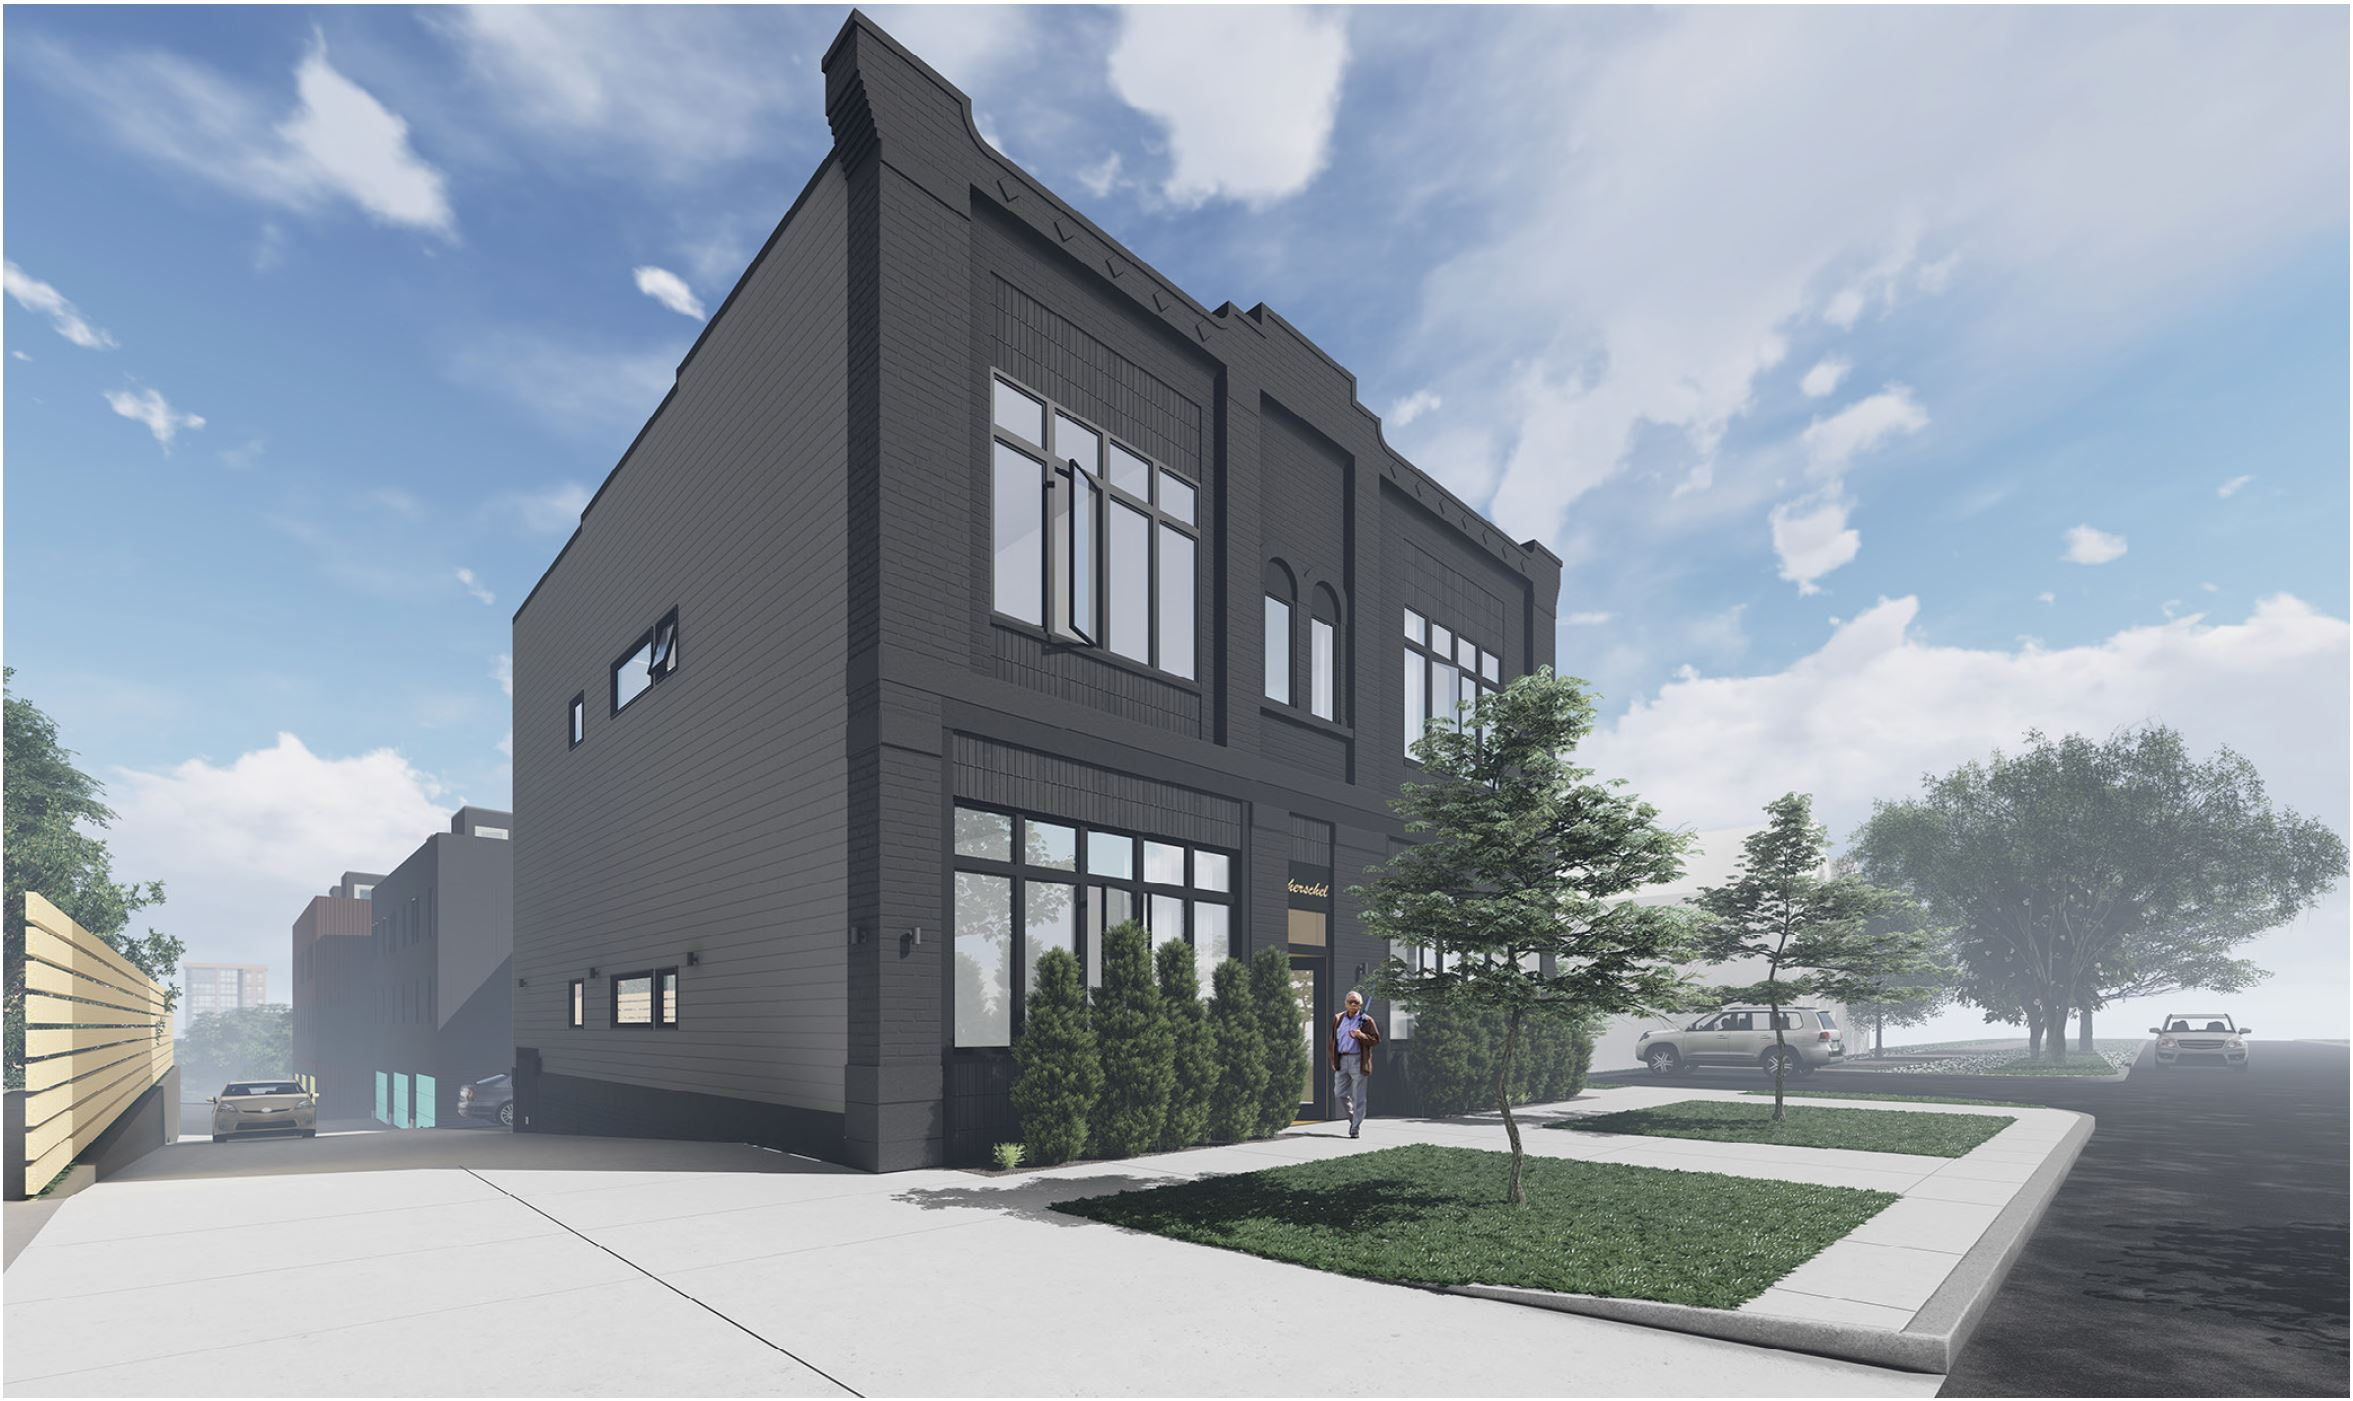 Unit 202 | $245,000    1 bed 1 bath 918 sq. ft. $245,000 basement storage + parking space